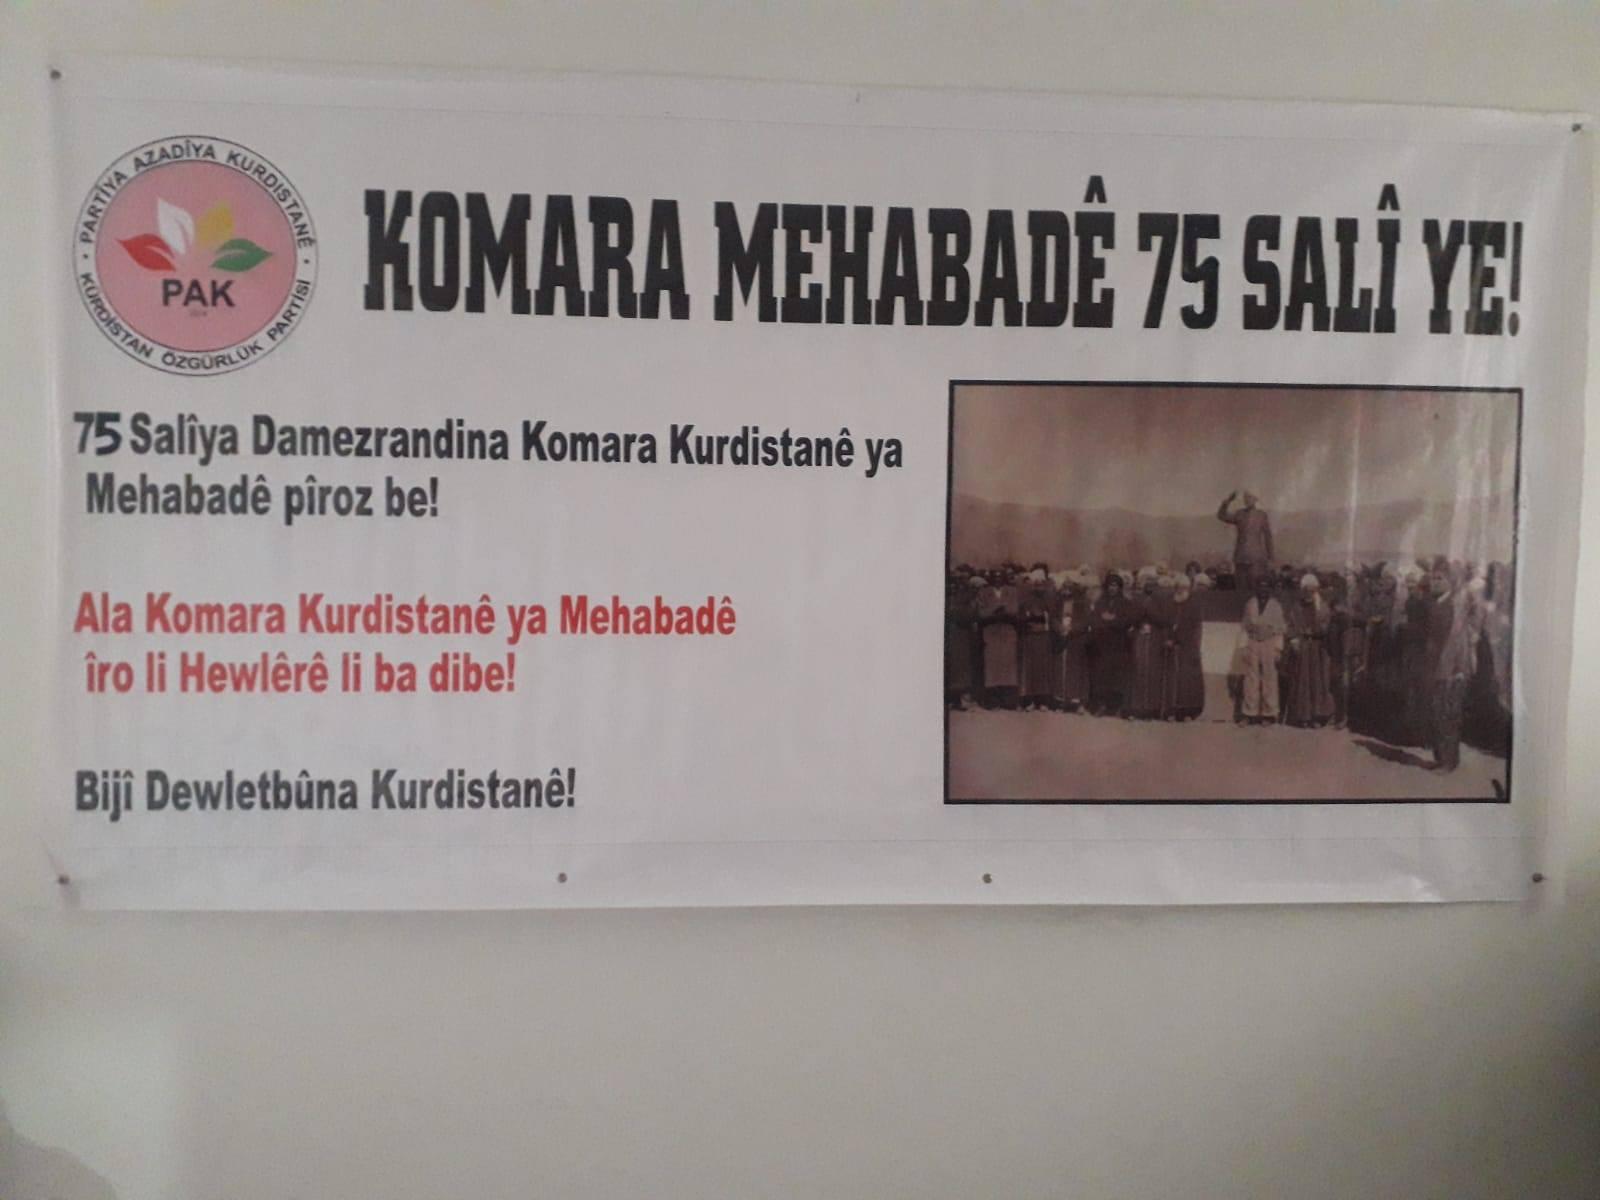 Kürdistan Cumhuriyeti Kürdistan tarihinde onur duyulacak büyük bir tecrübedir.